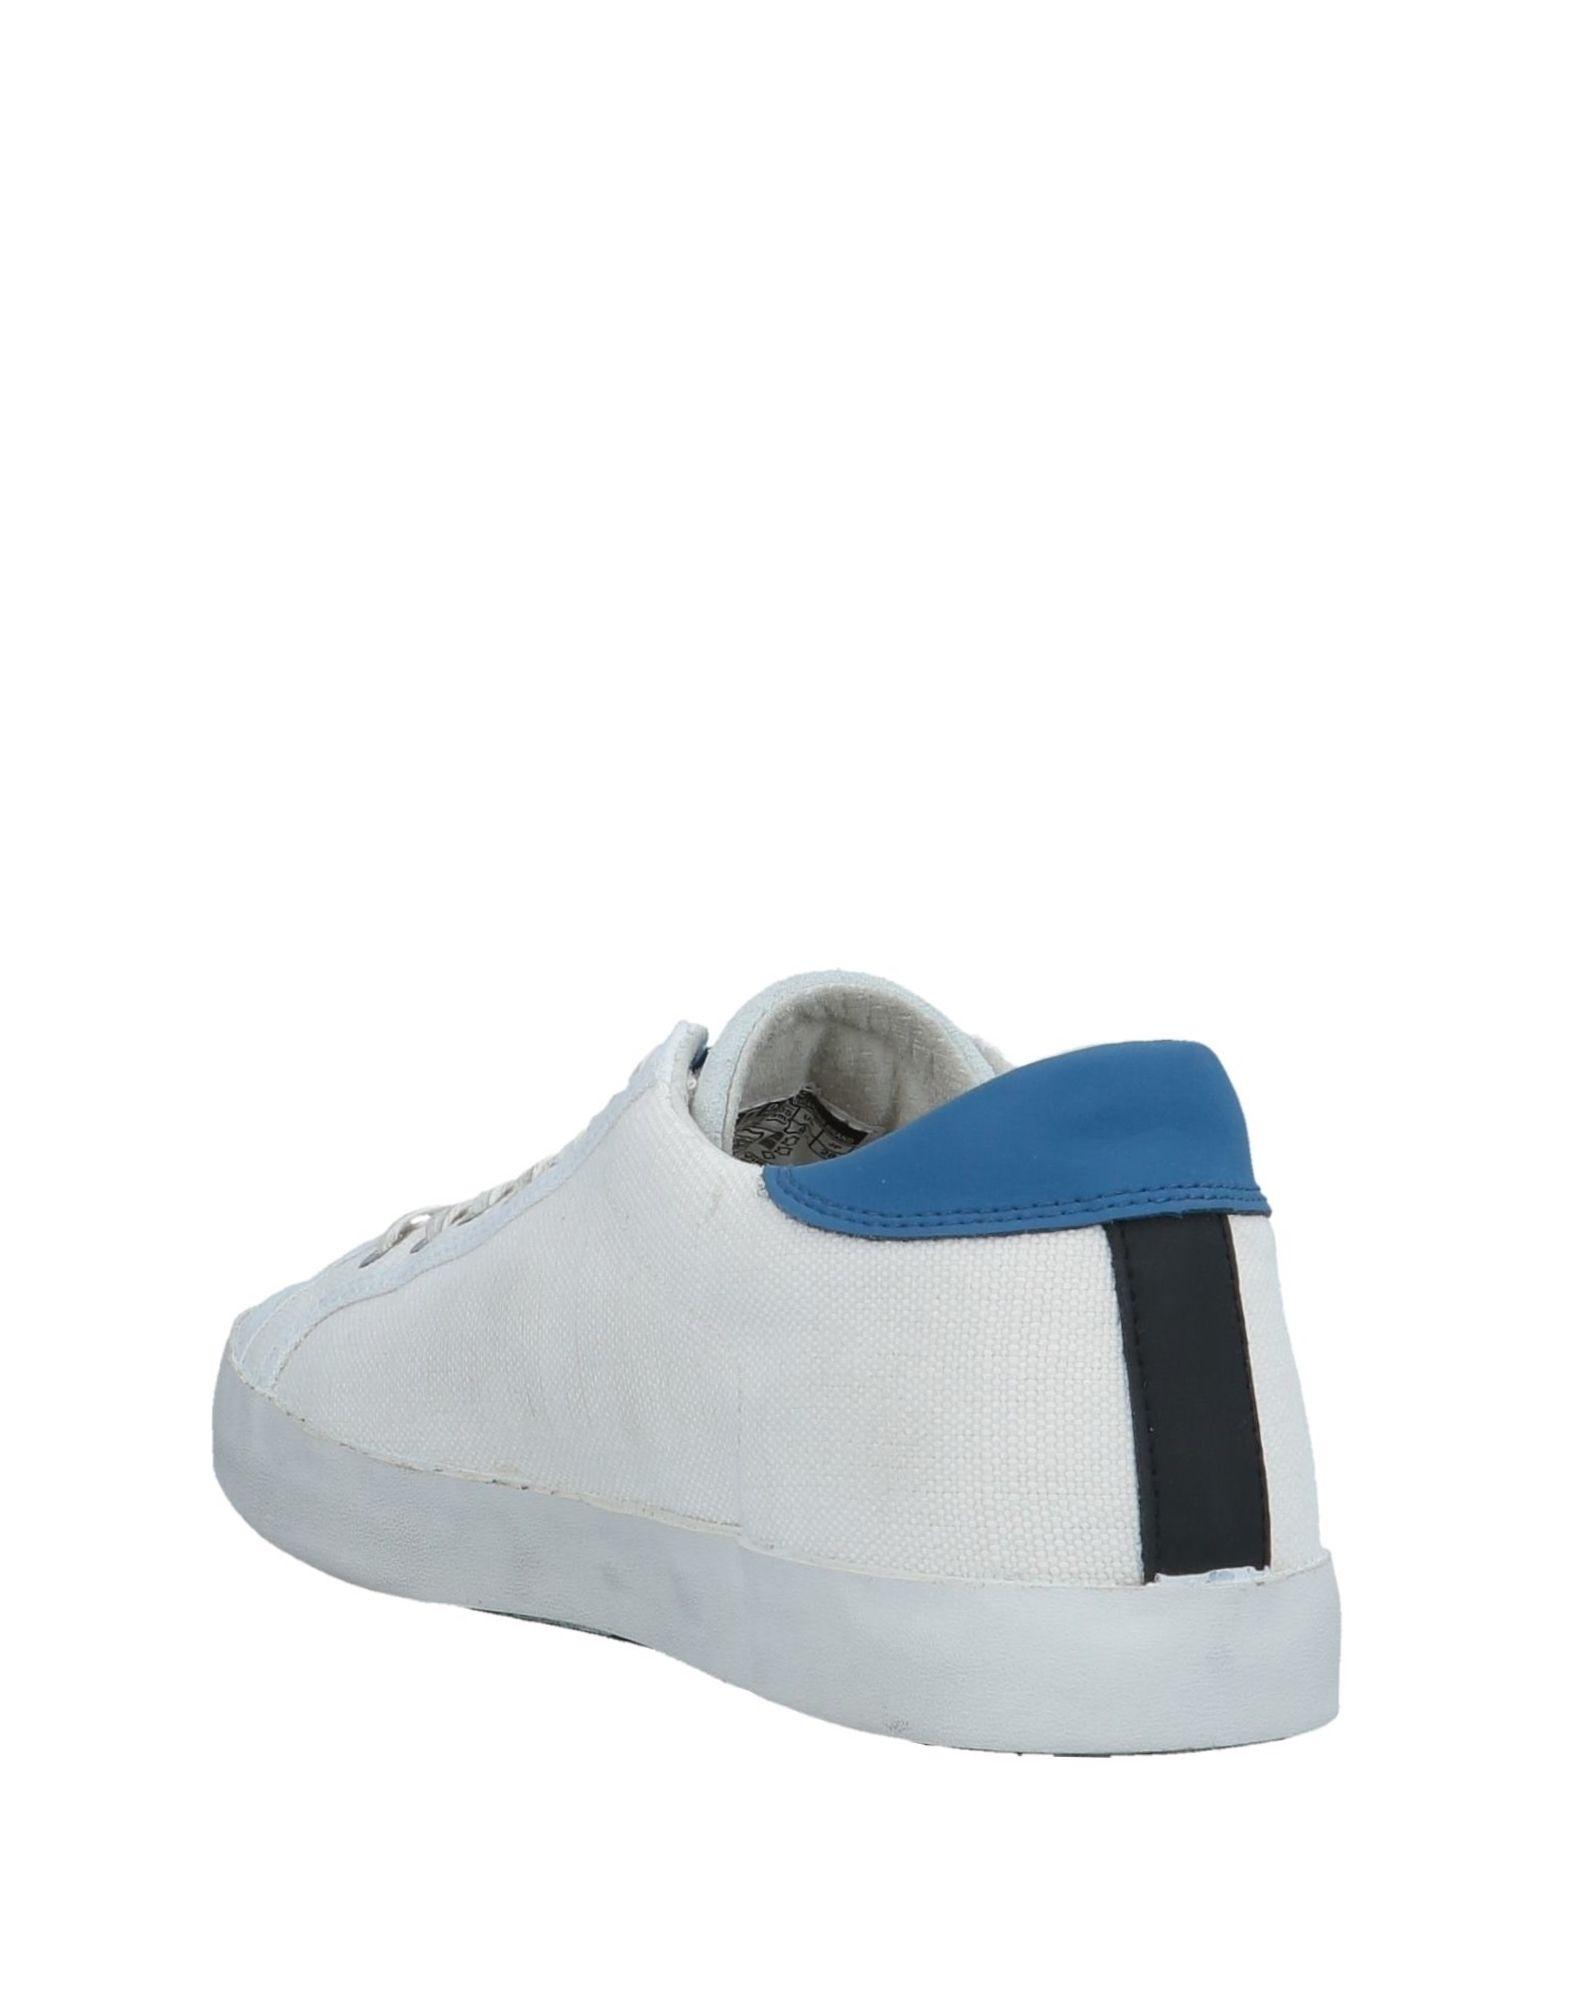 Rabatt echte Schuhe D.A.T.E.  Sneakers Herren  D.A.T.E. 11554559UD e8c939